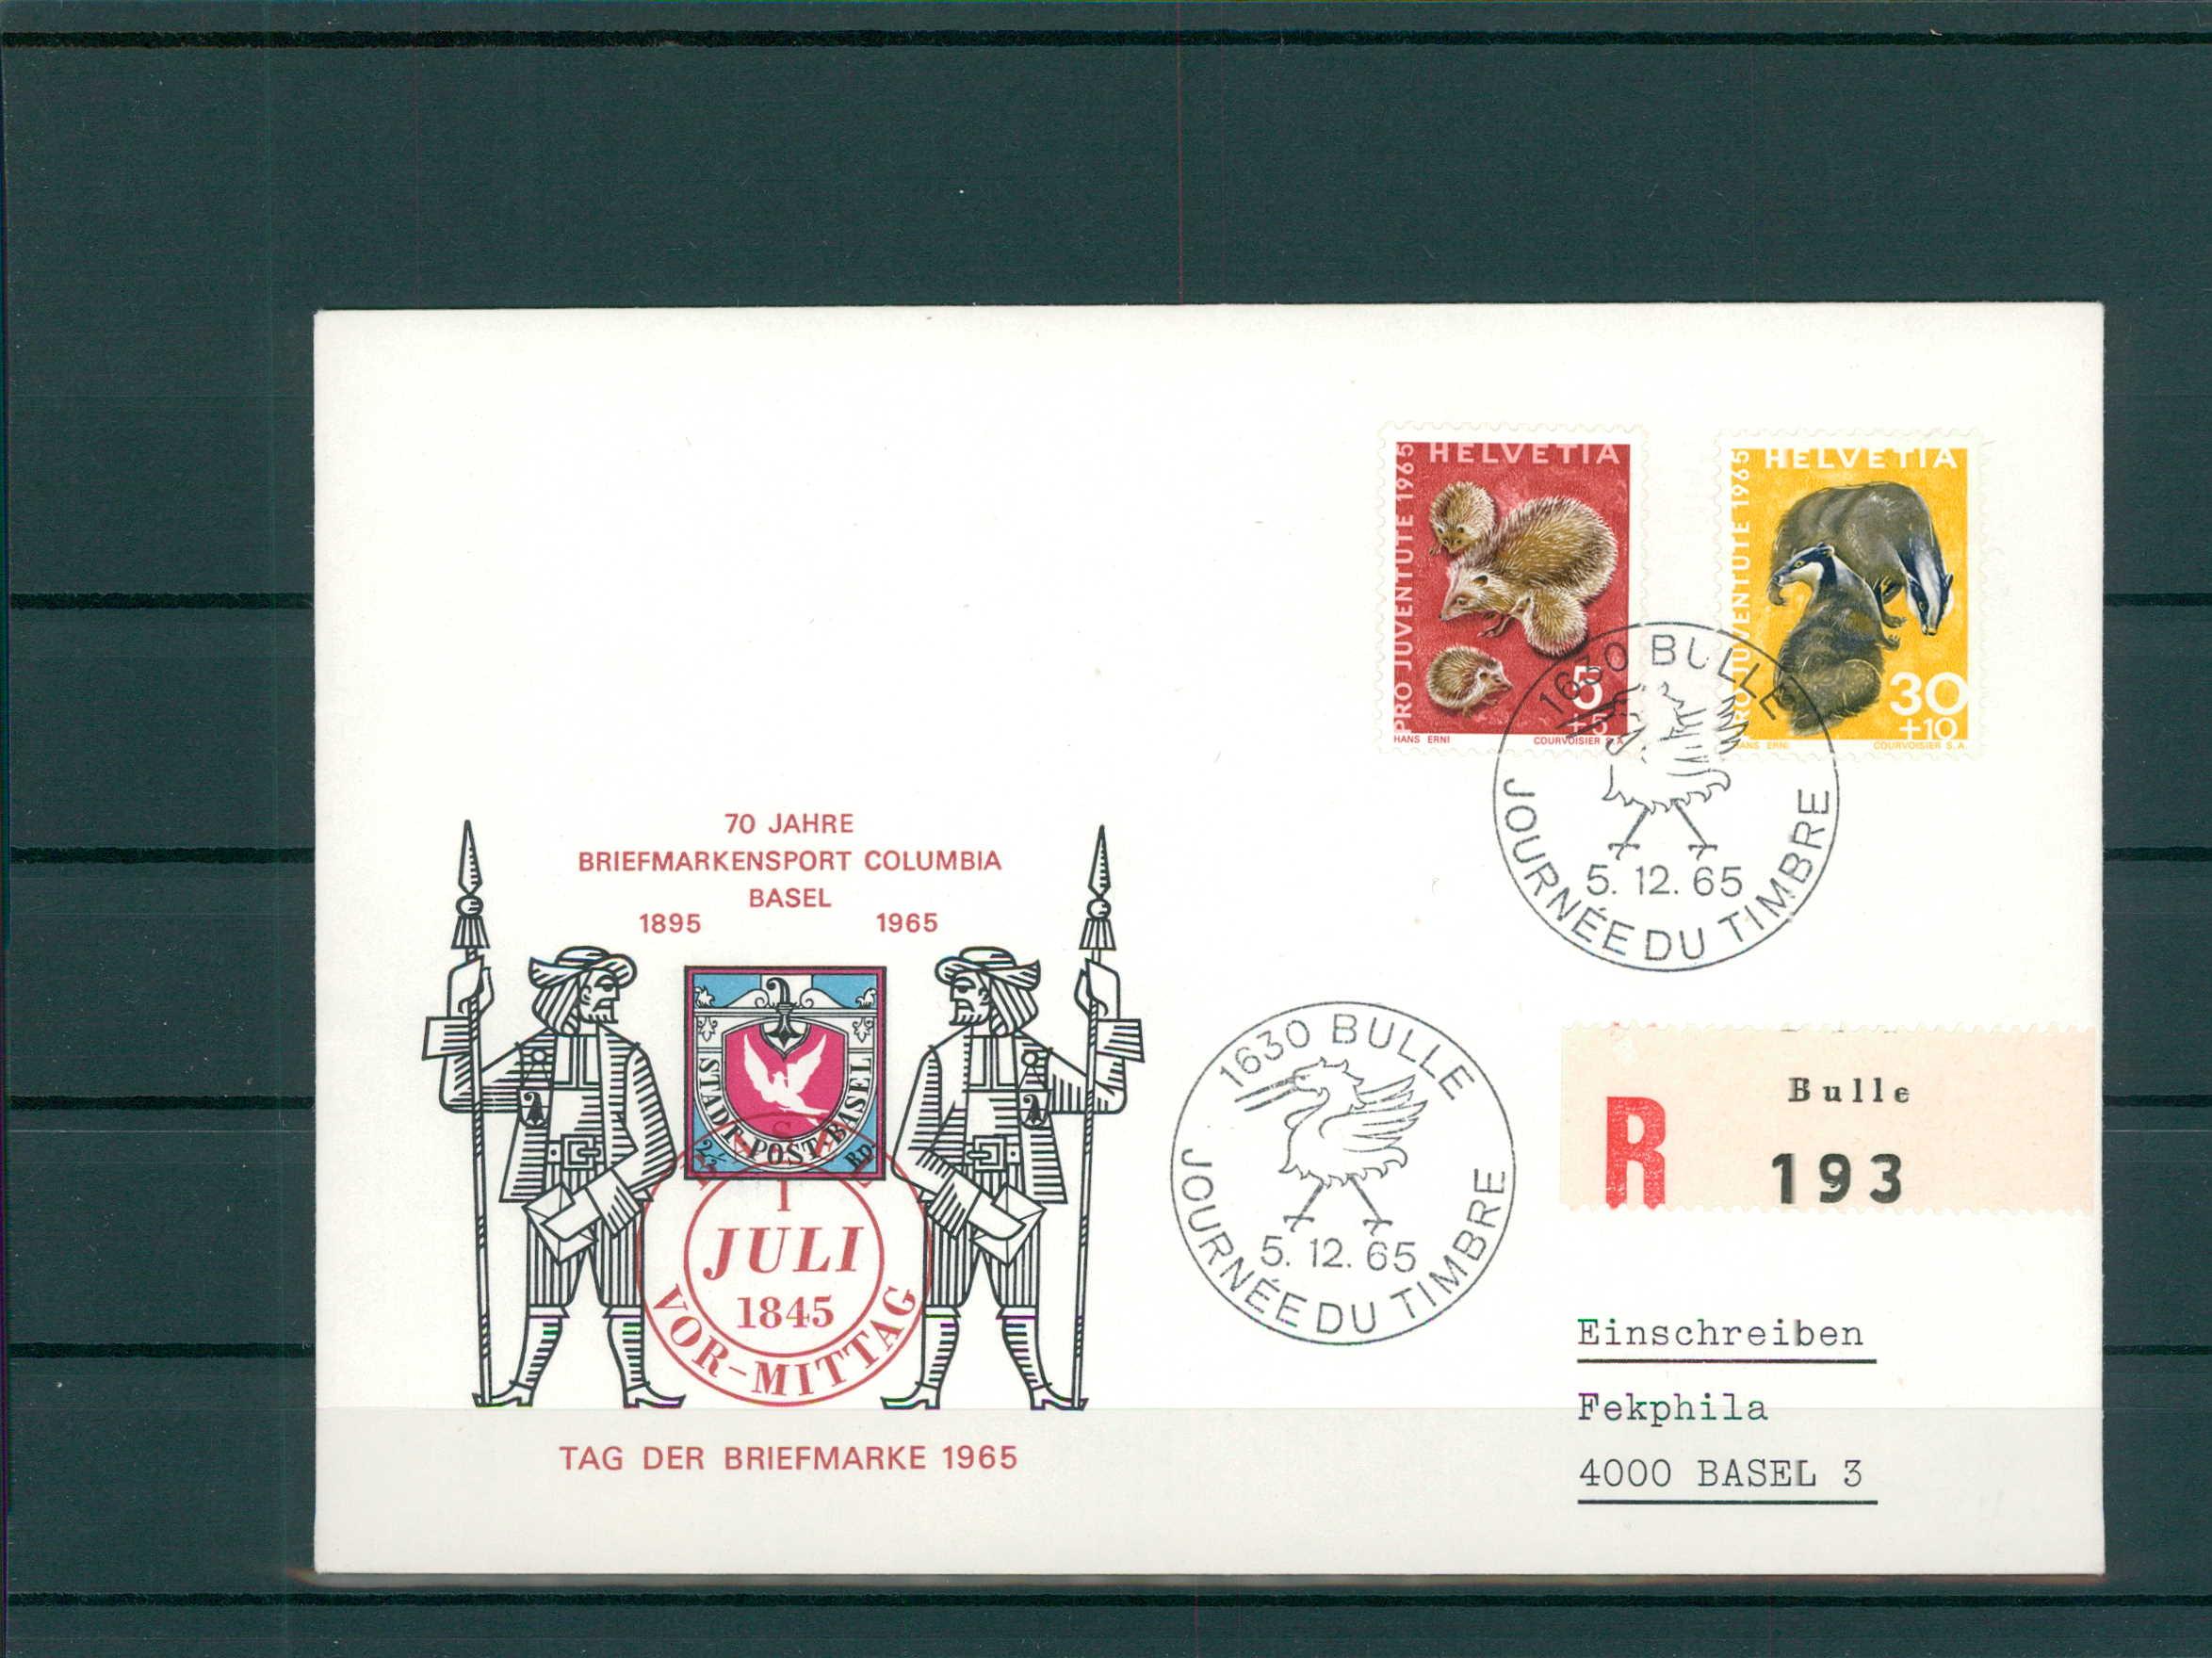 Österreich Ab 2000 == Österreich == 2006 Kleinbogen Tag Der Briefmarke Postfrisch== 2019 Official